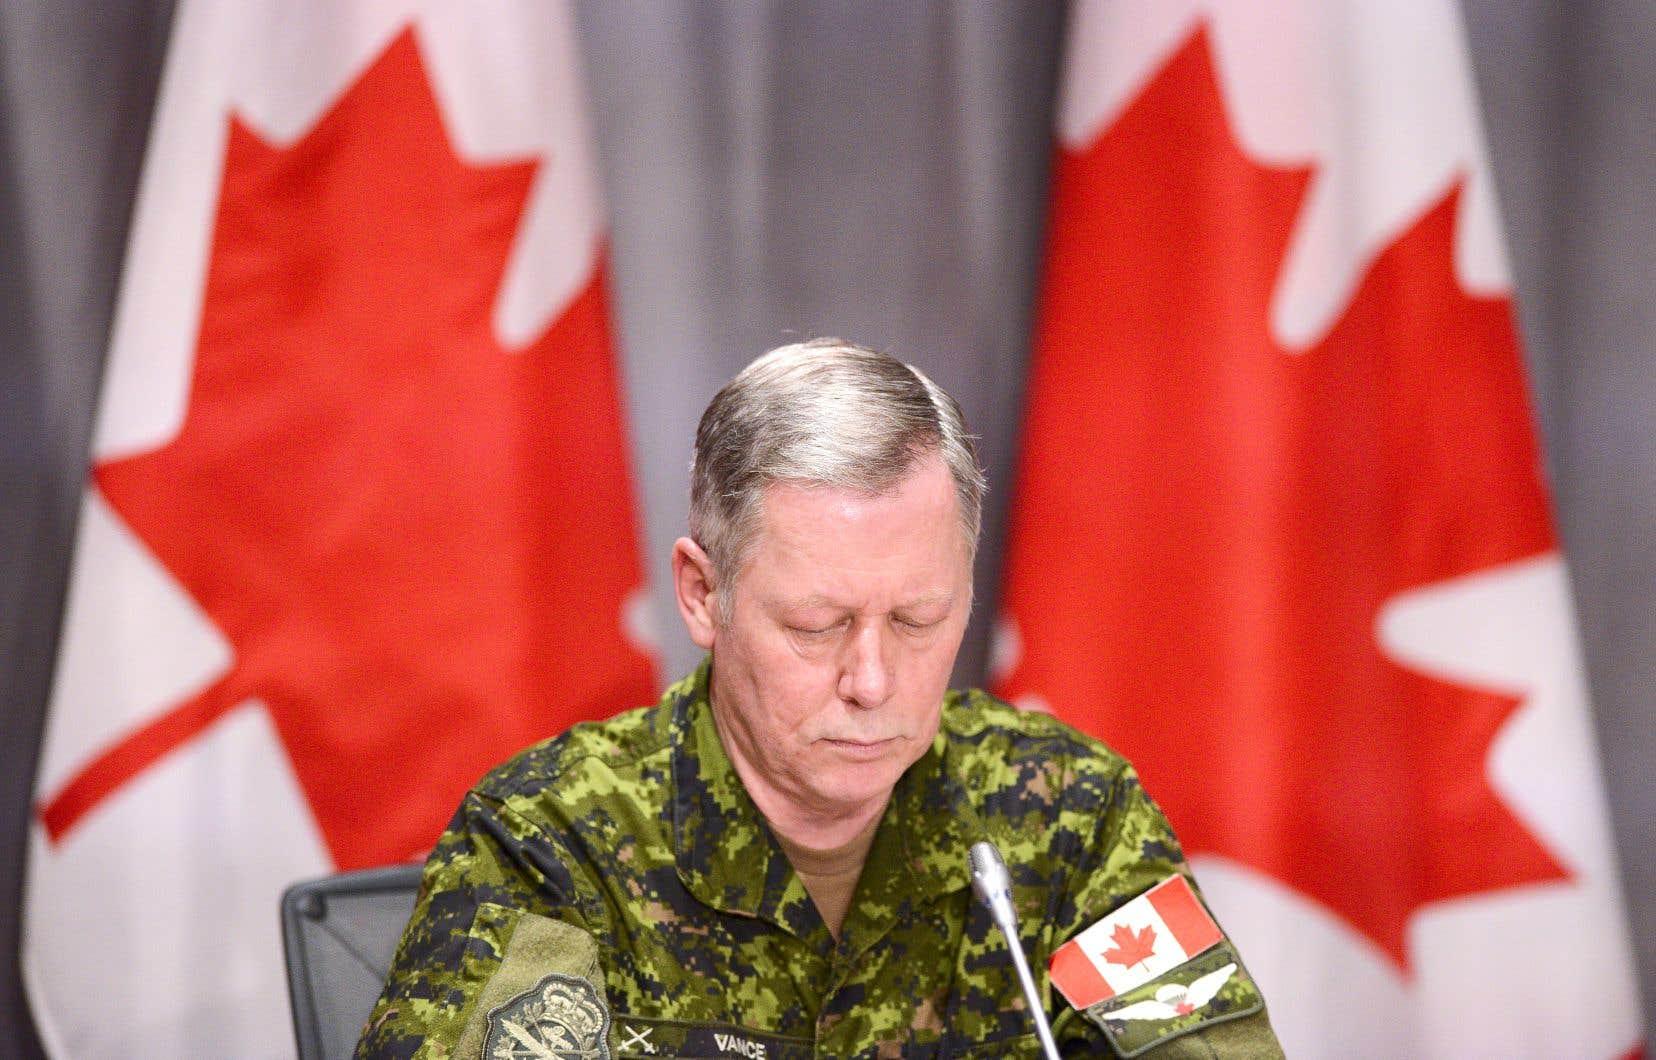 Le général à la retraite Jonathan Vance, ancien chef d'état-major de la Défense, a été accusé jeudi d'entrave à la justice.